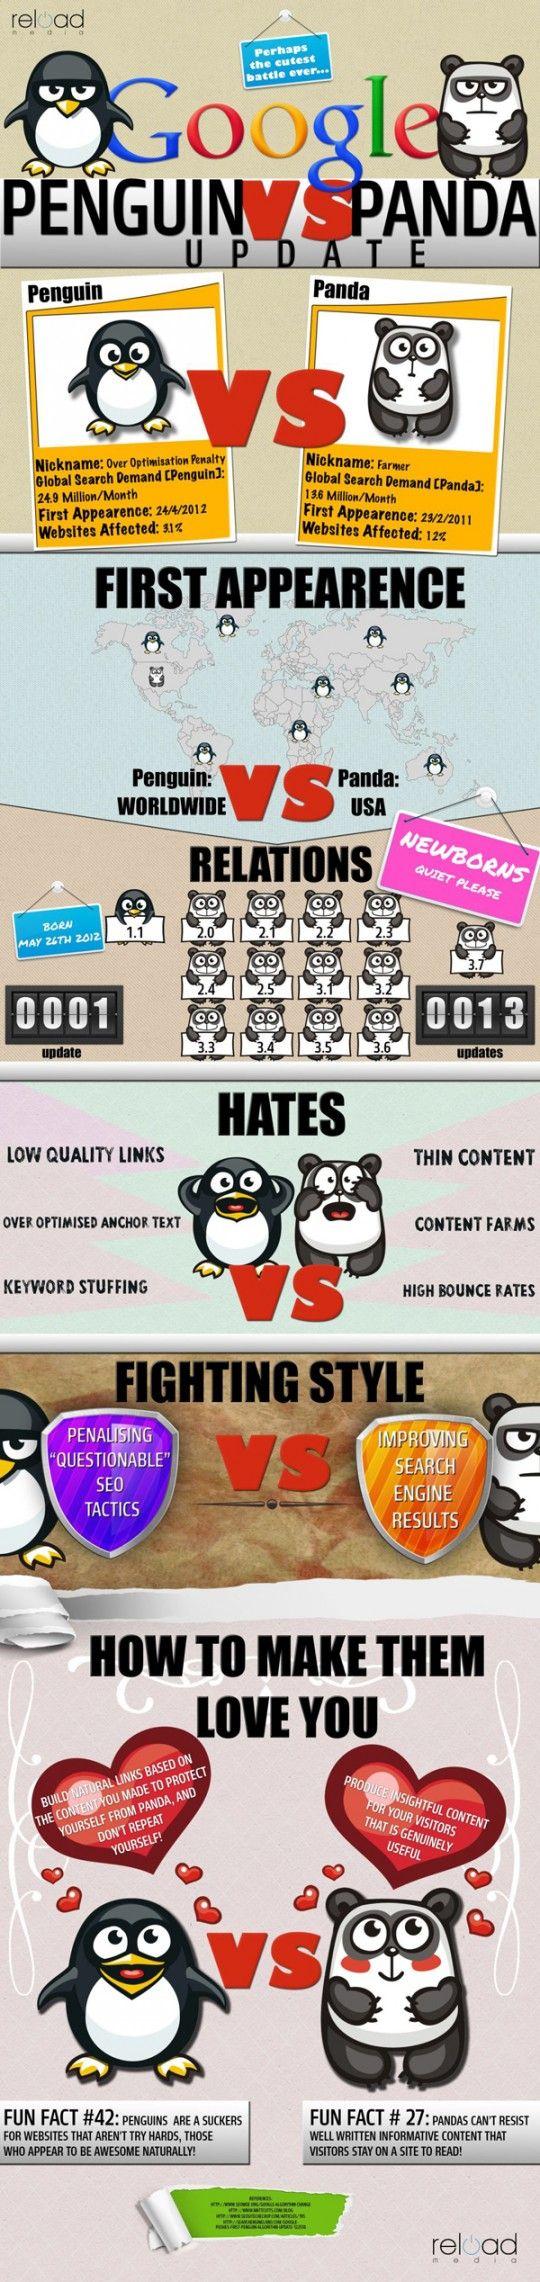 Infografía en inglés que compara Actualización Penguin vs. Panda para Google: Google Pandas, Pandas Updates, Bestselling Books, Social Media, Google Updates, Search Engine, Google Penguins, Socialmedia, Seo Infographic